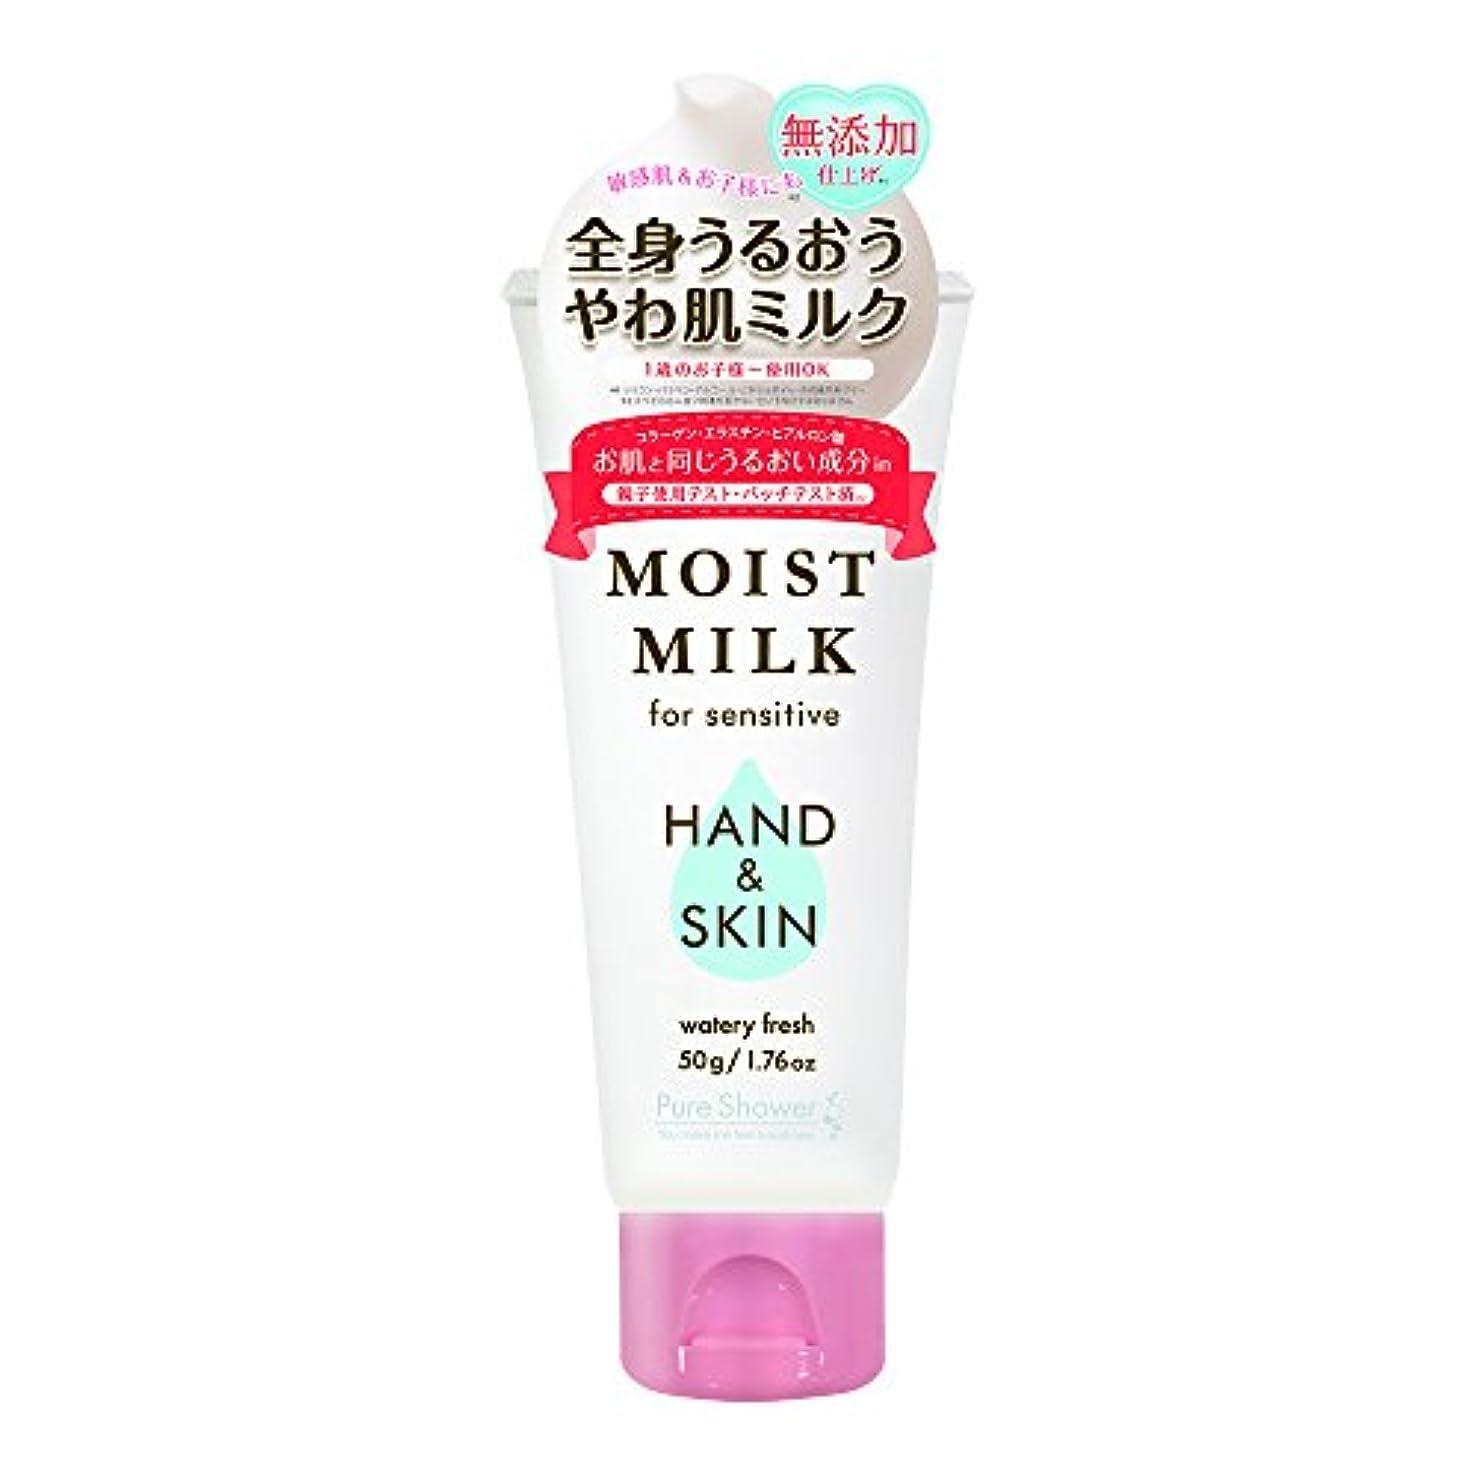 謝罪医薬生息地Pure Shower(ピュアシャワー) ハンド&スキンミルク 50g(ミニサイズ)